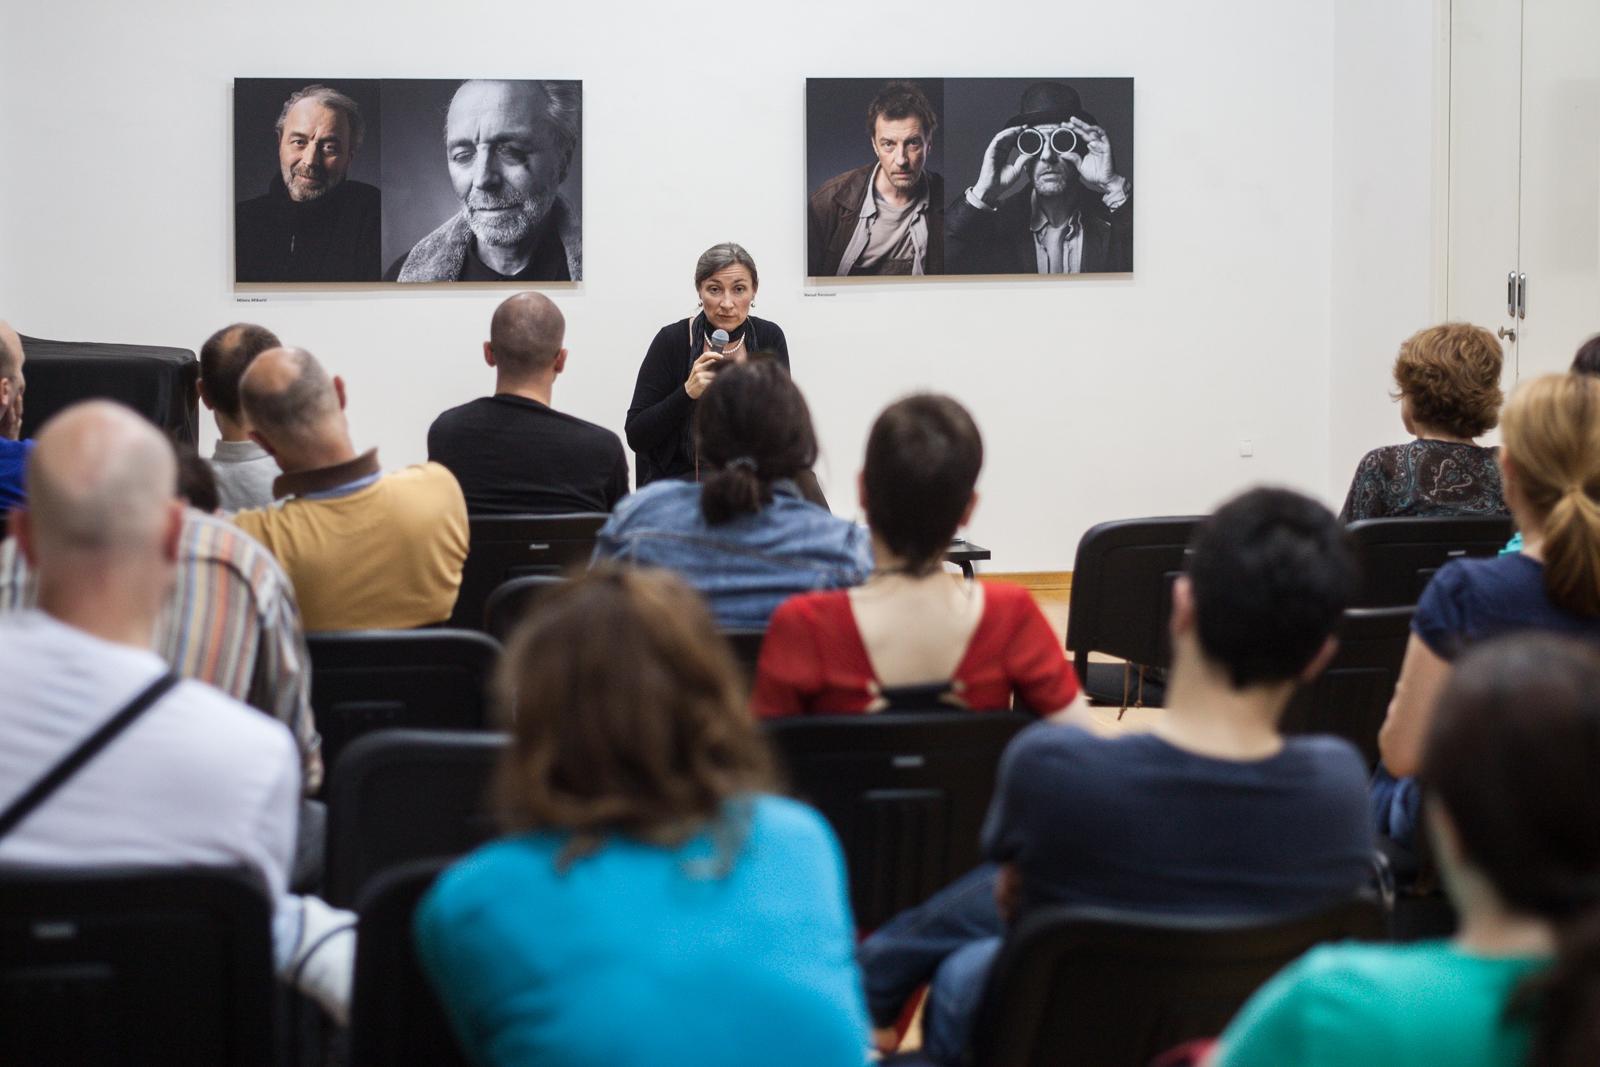 Tatjana Jukić Predavanje u Ciklusu O melanholiji 29 maj 2014 KCB Foto Srdjan Veljović (6).jpg